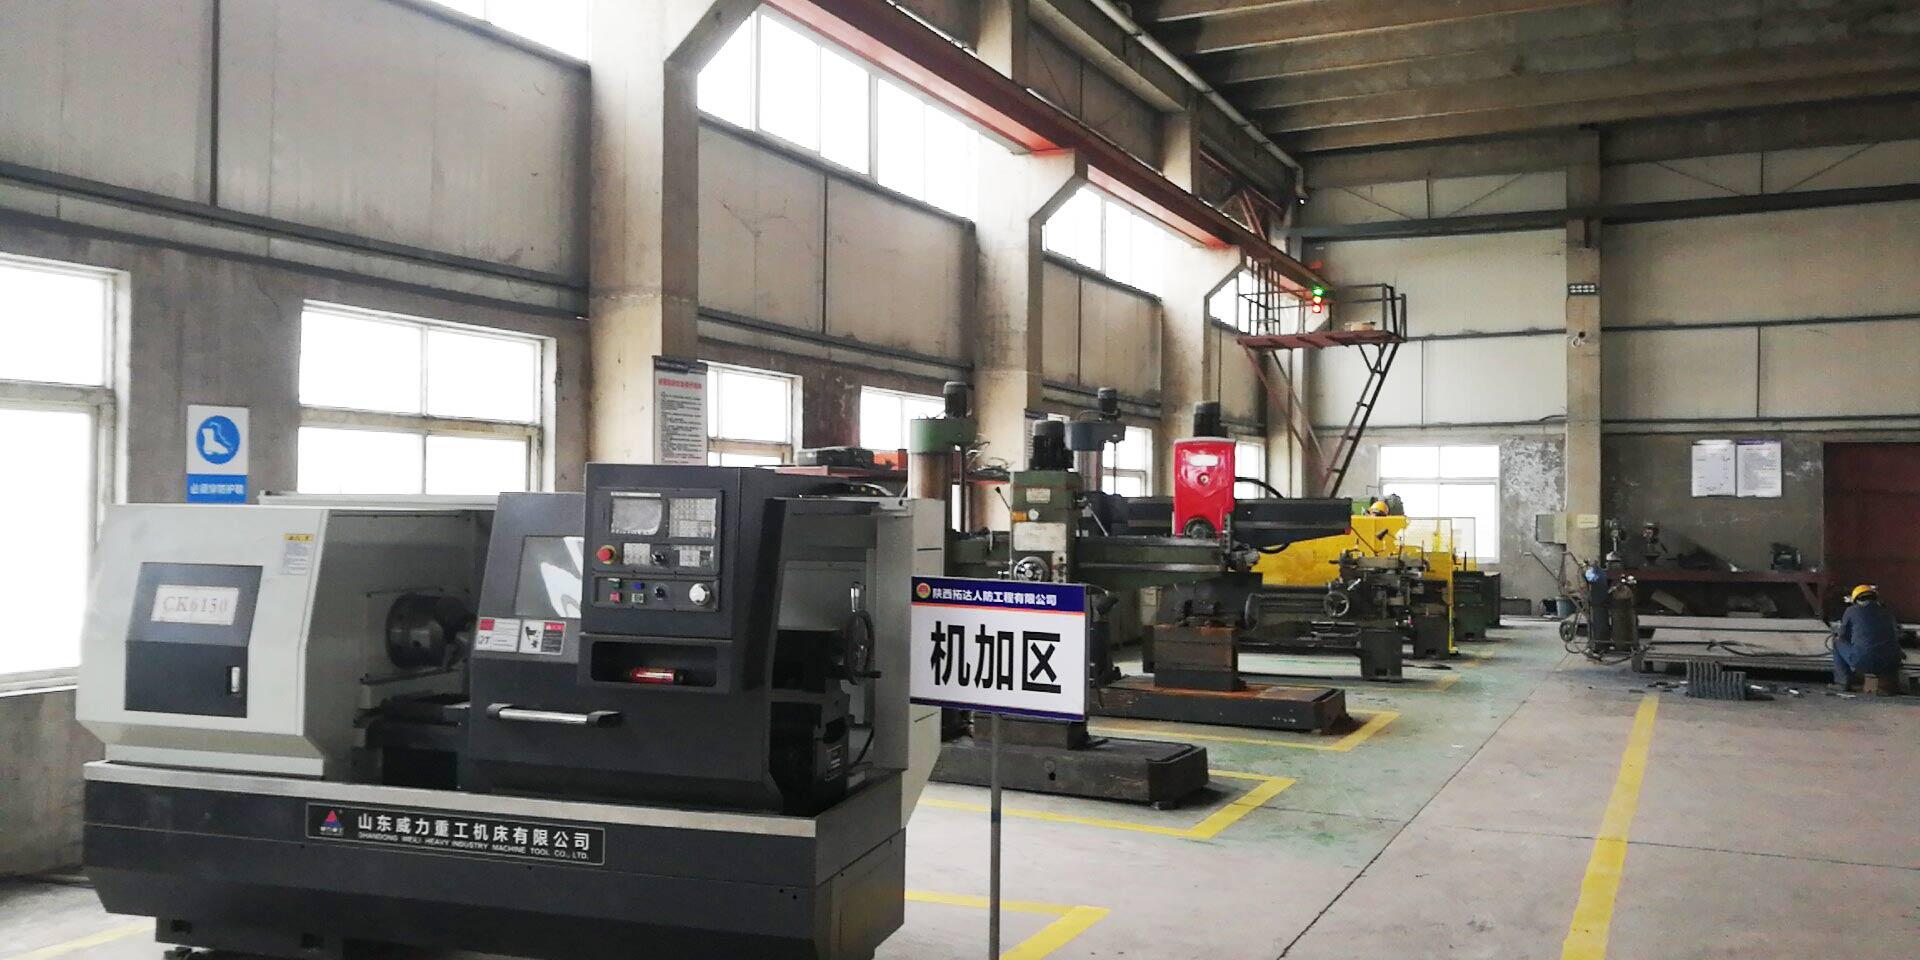 人防防护设备生产加工数控机床展示